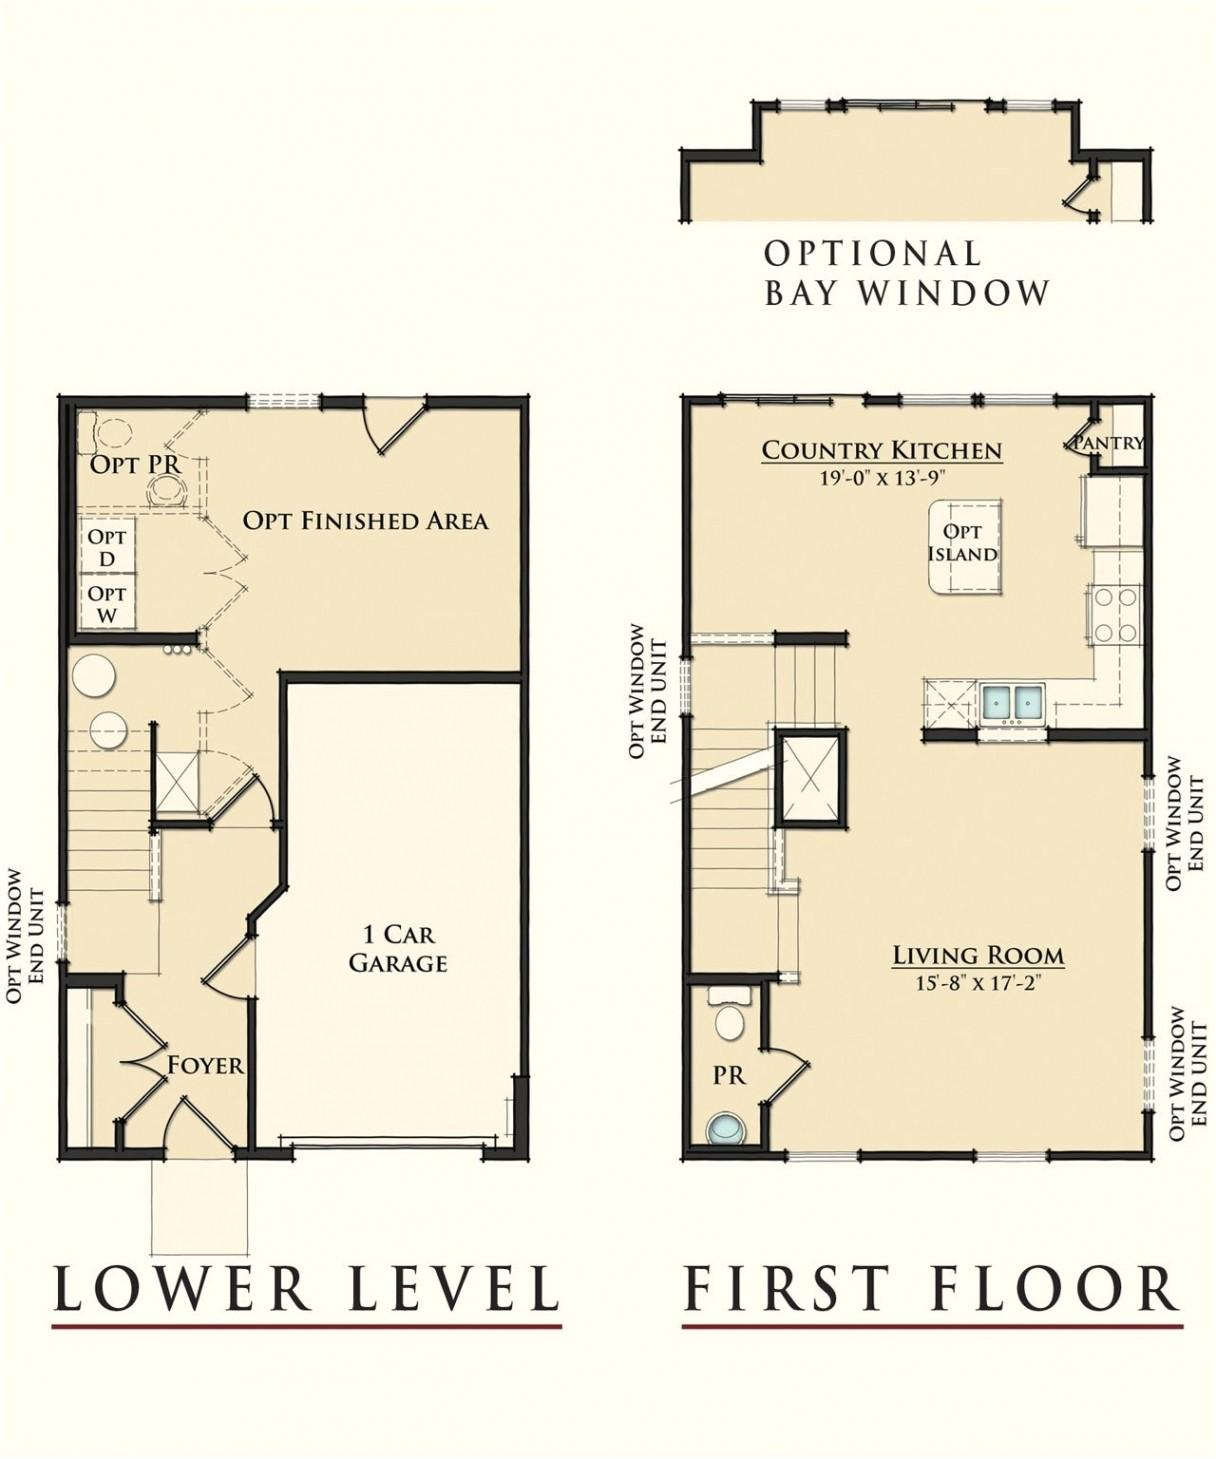 ryan homes floor plans rome ryan homes floor plans venice ryan in beautiful ryan homes mozart floor plan